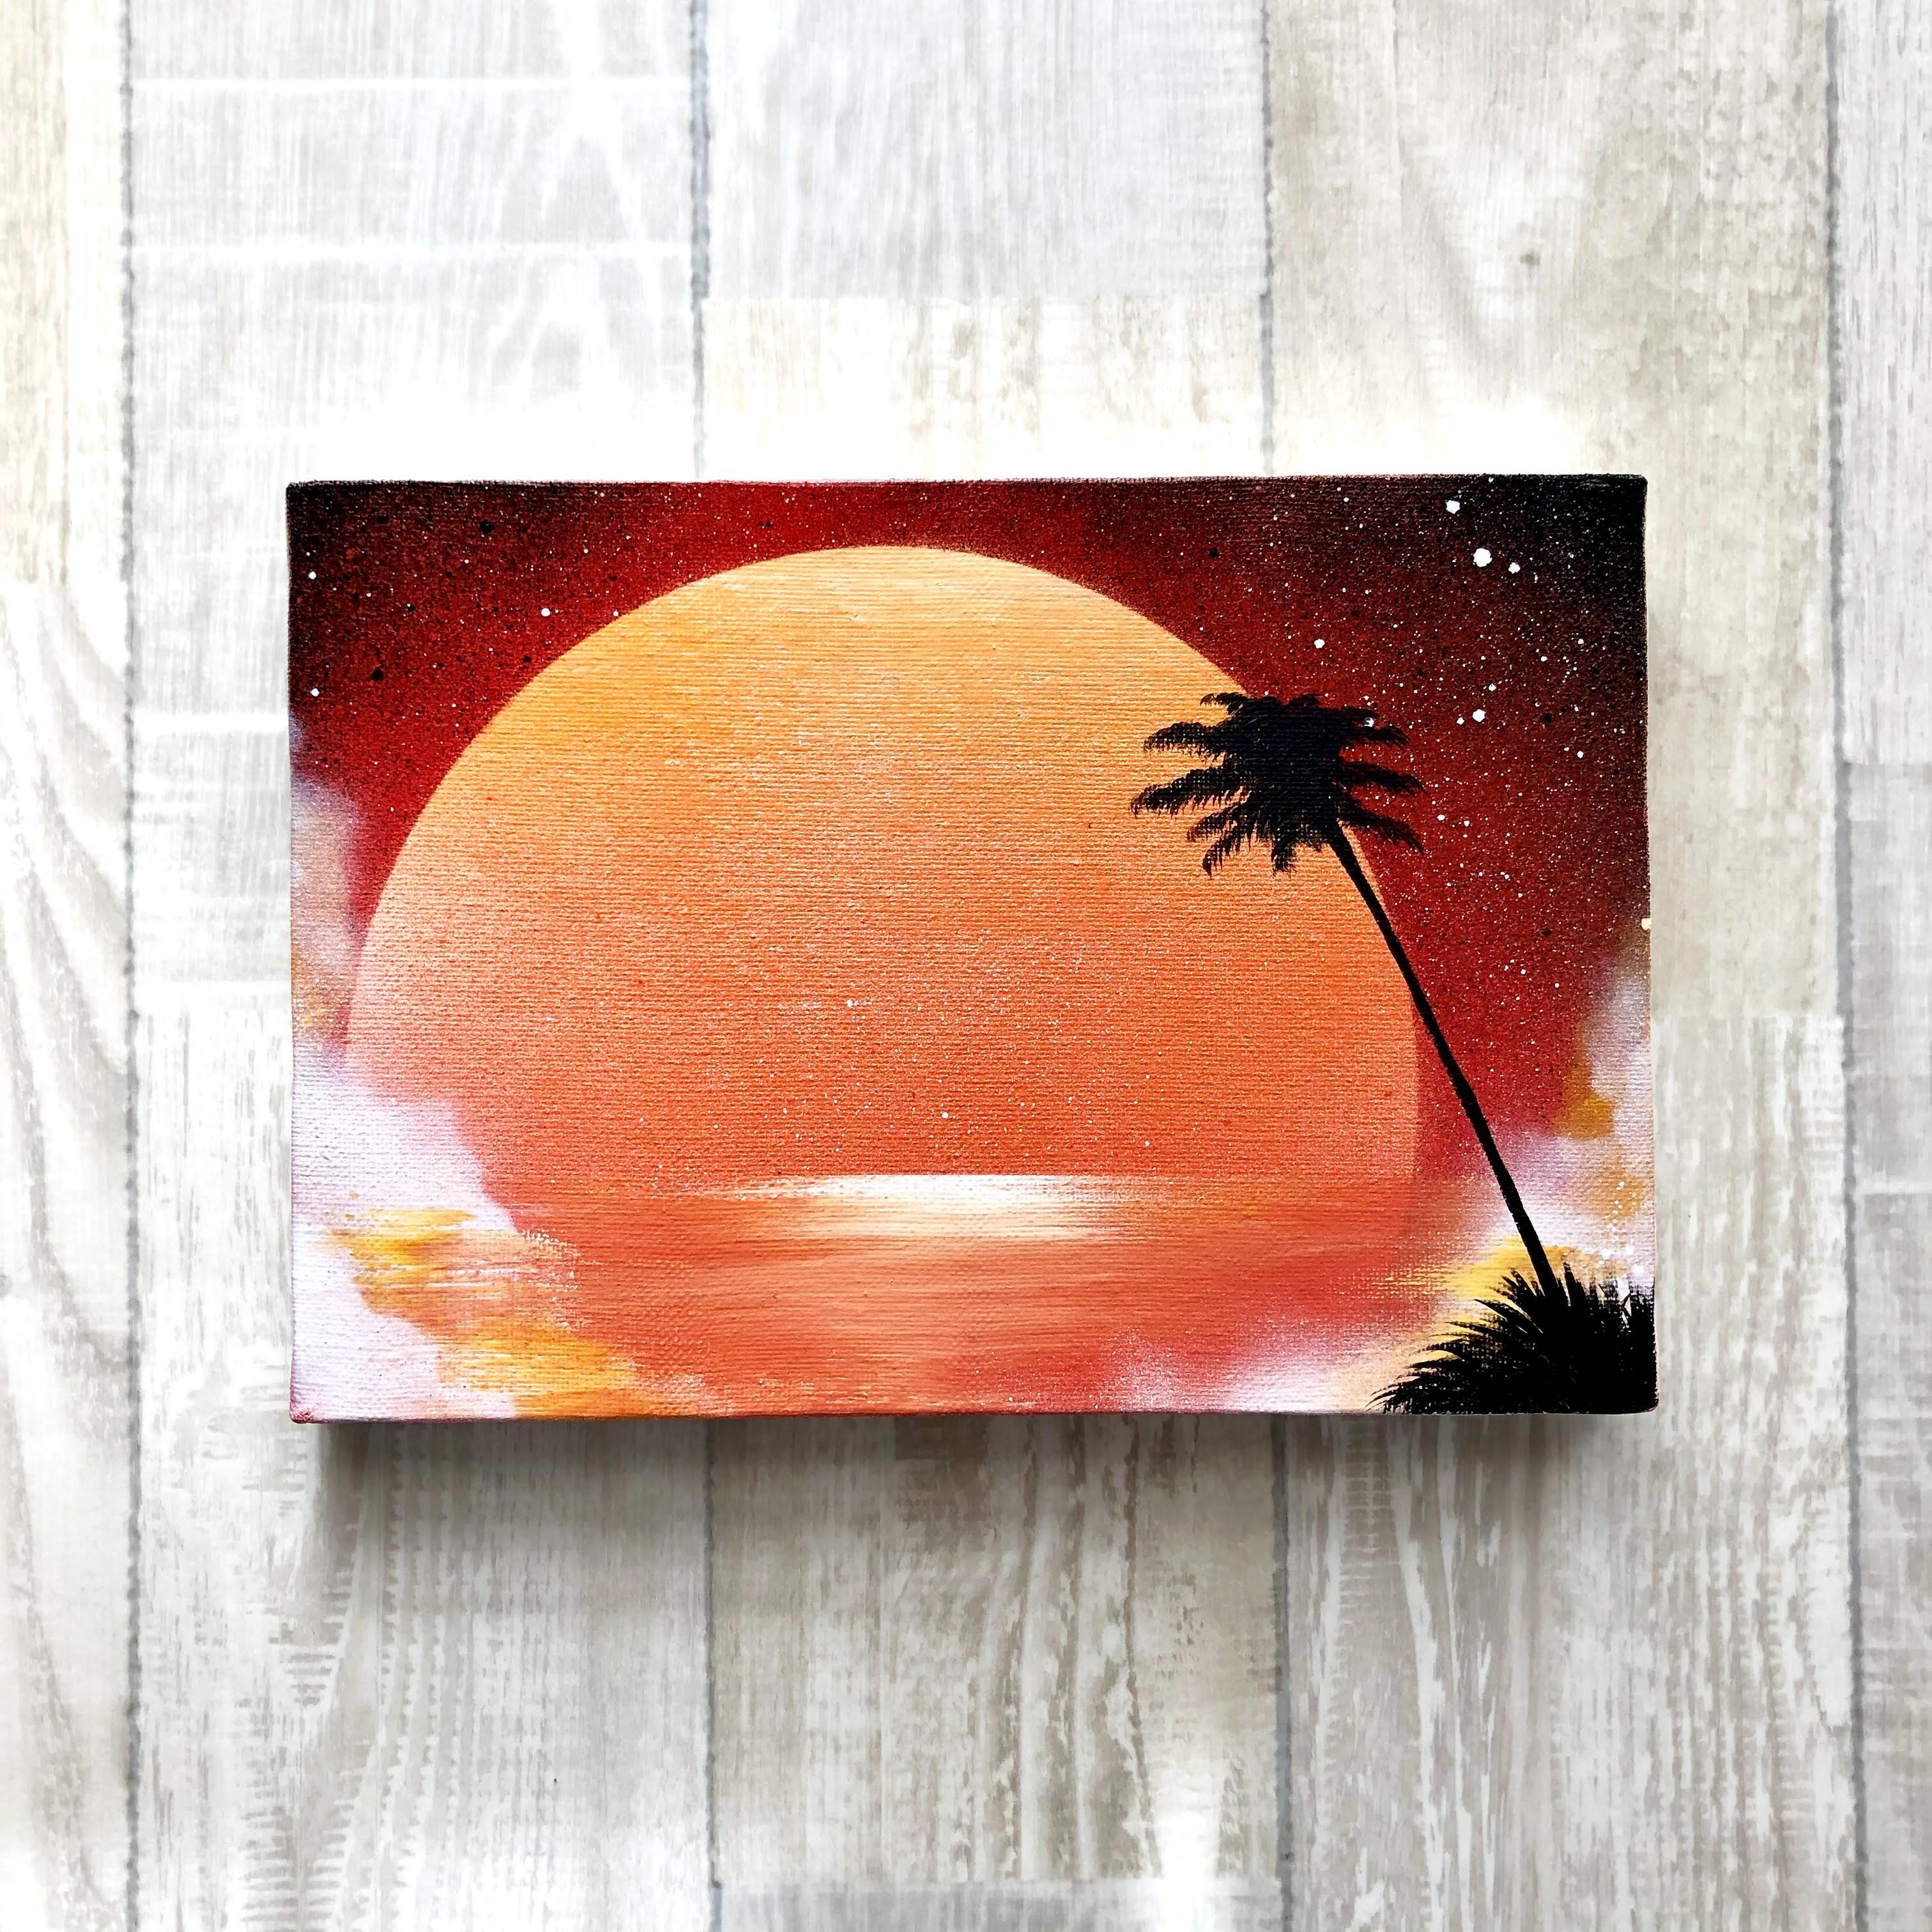 「紅い夕陽」 キャンバスパネル風景画